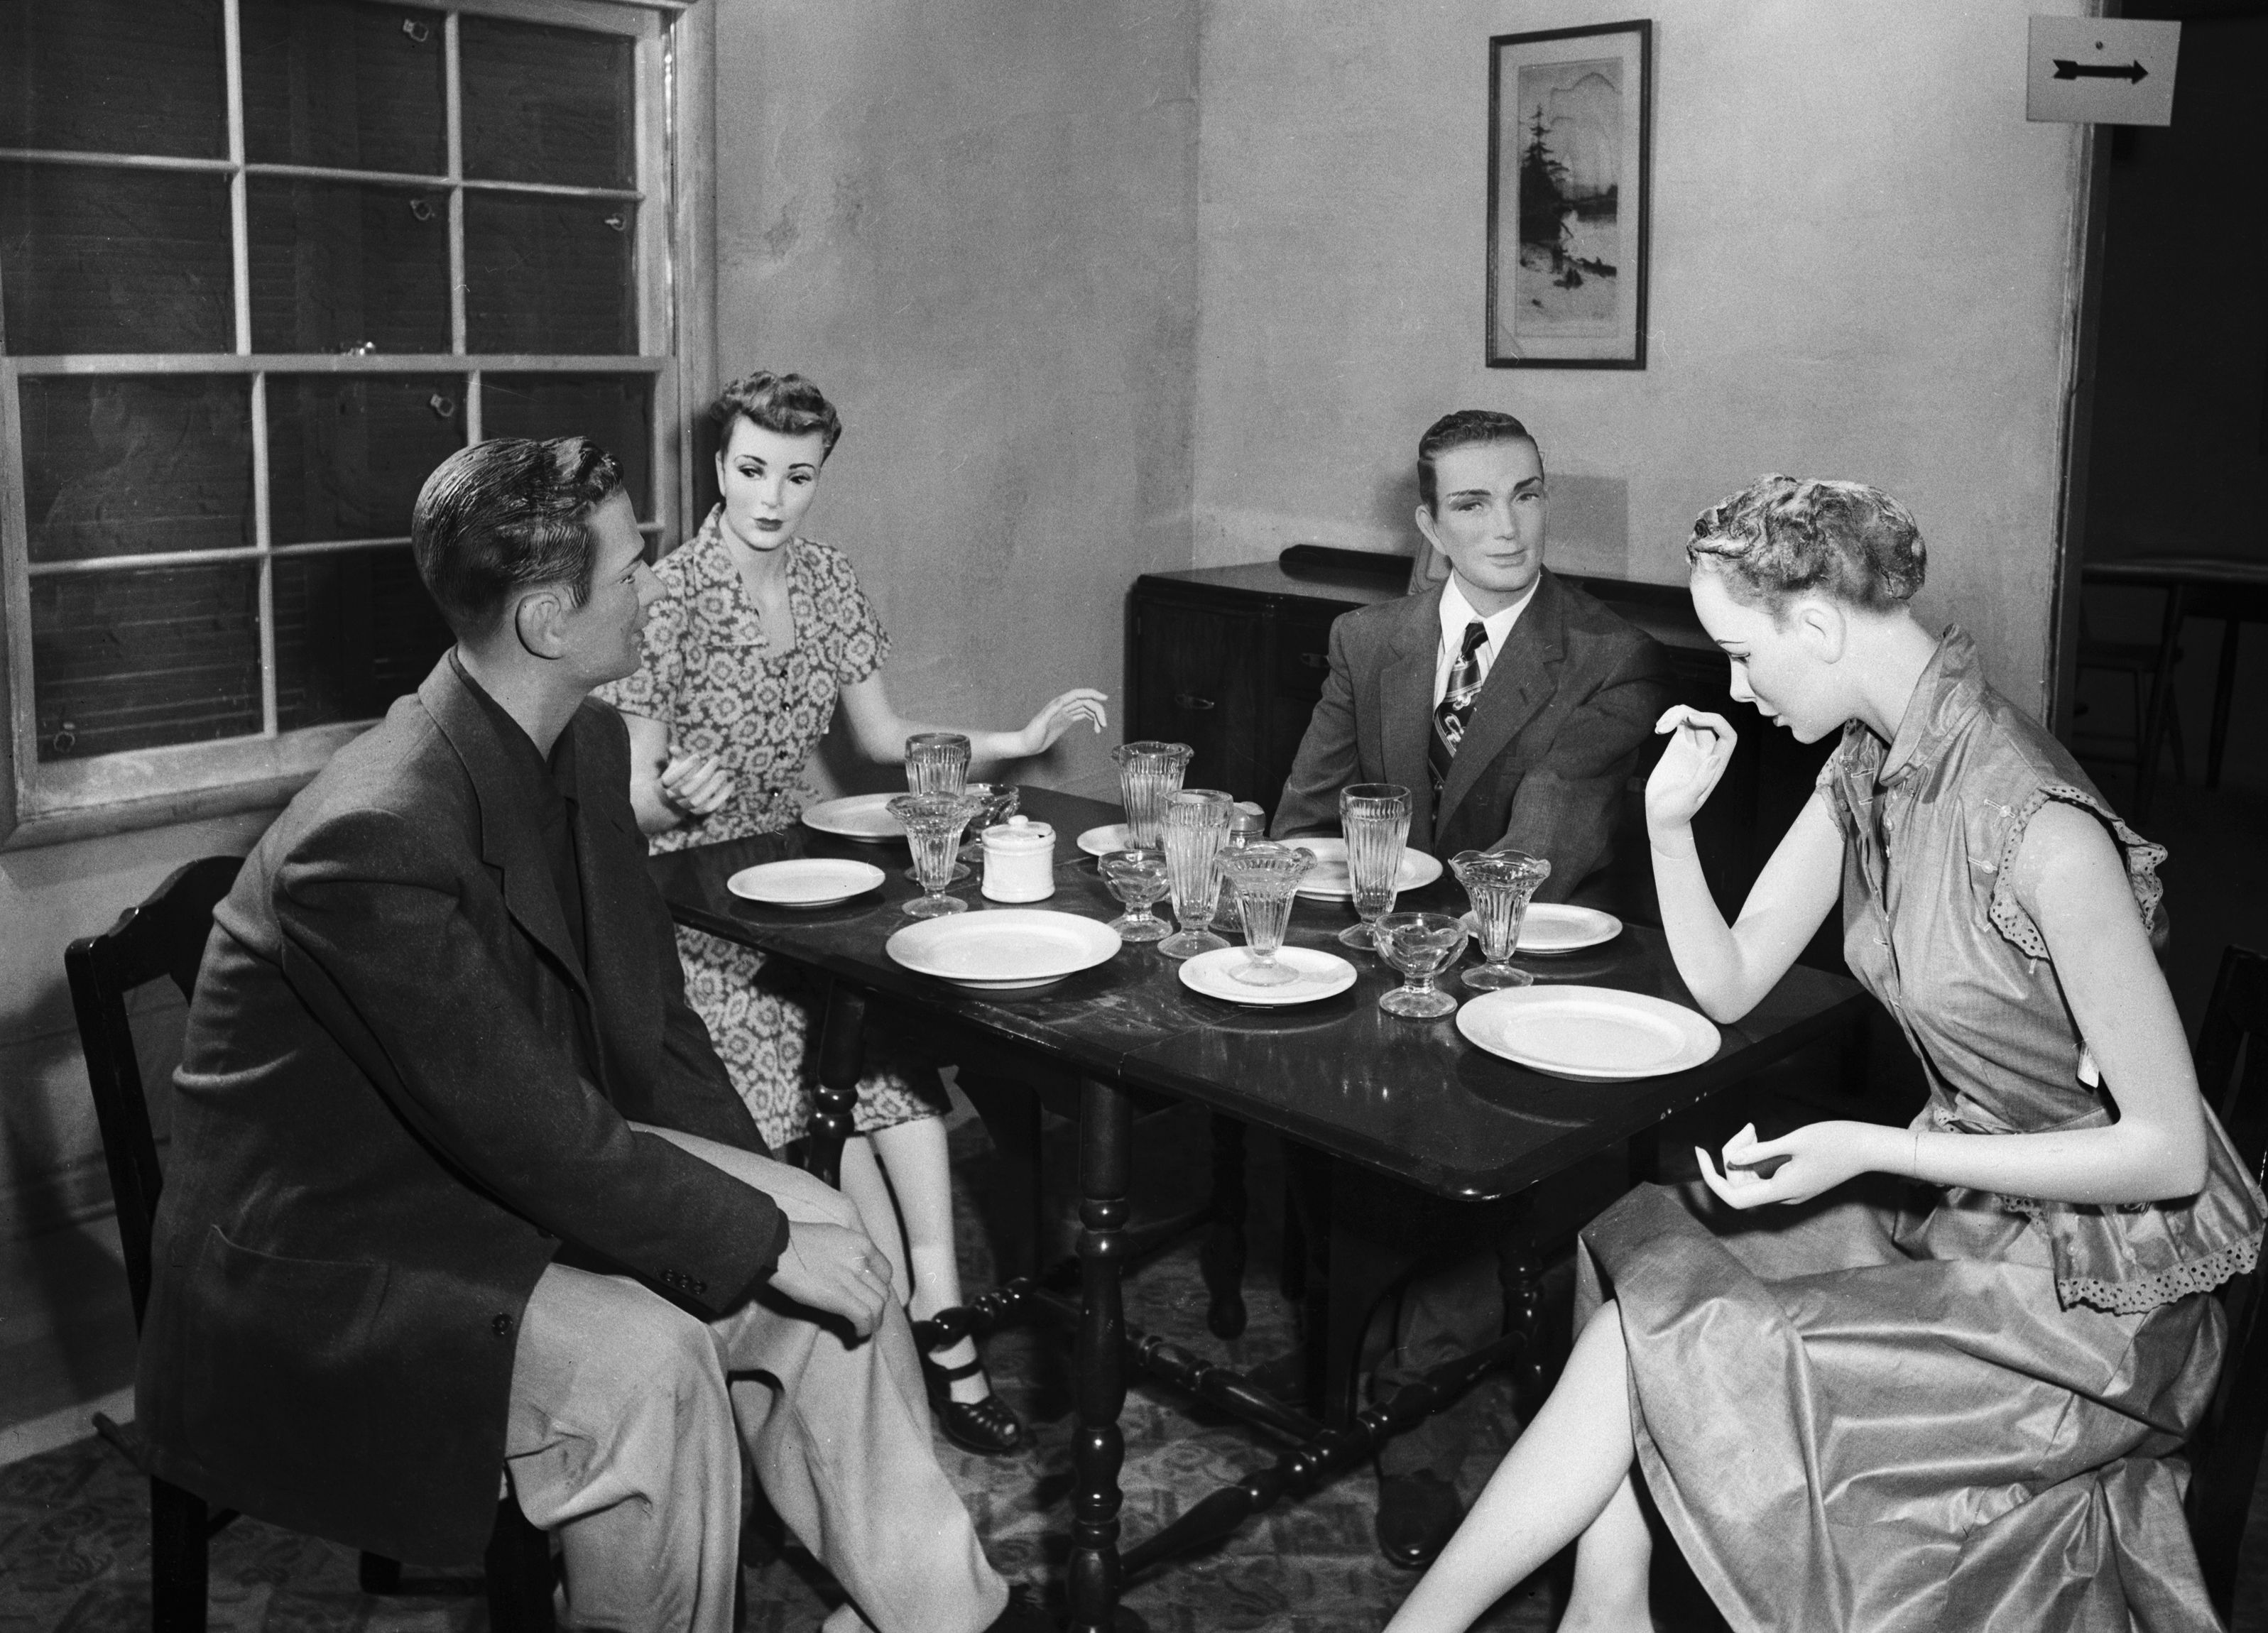 Inkább ne tartsunk családi összejövetelt, amikor mellettünk dobják le az atombombát